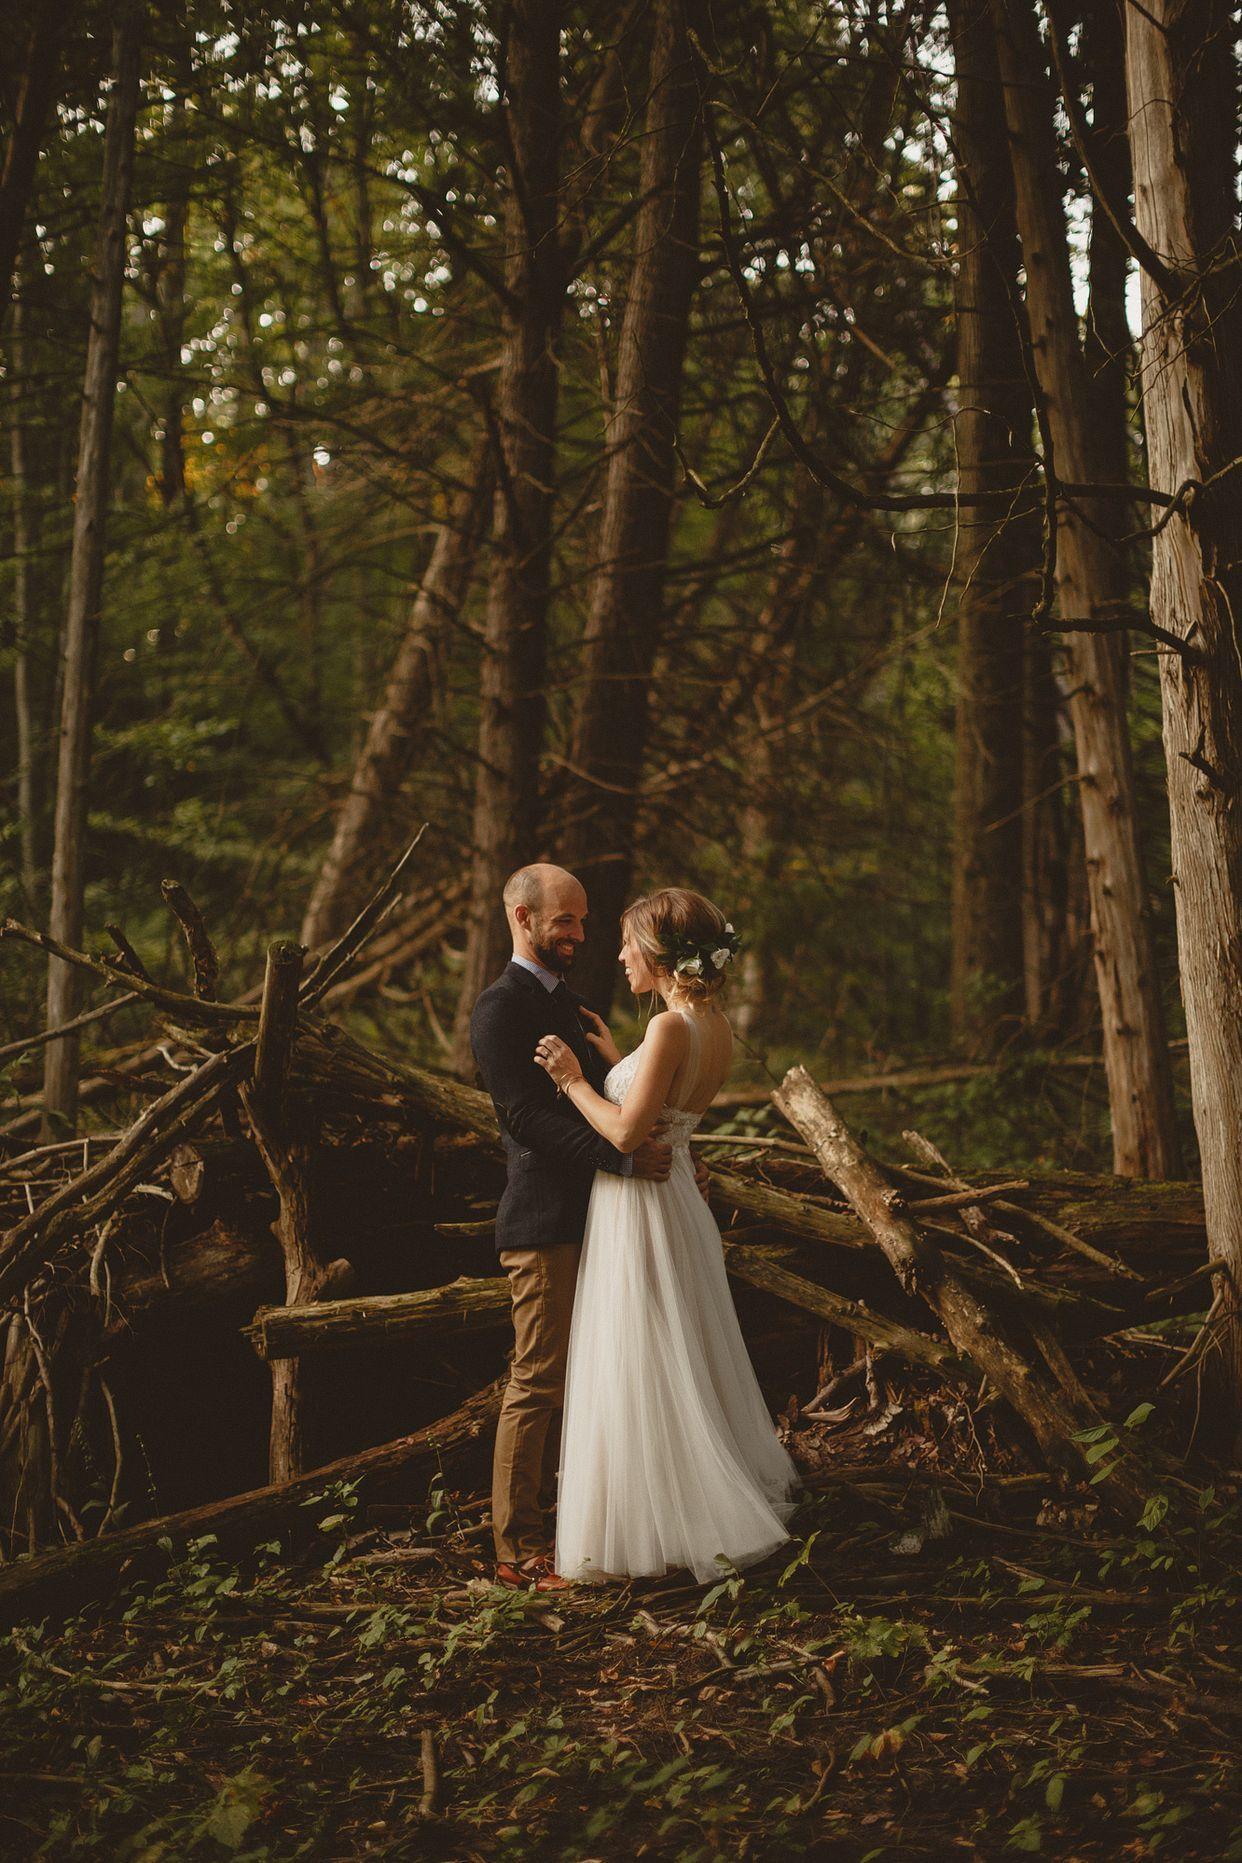 Jennifer & Hugh Creative wedding photography, London